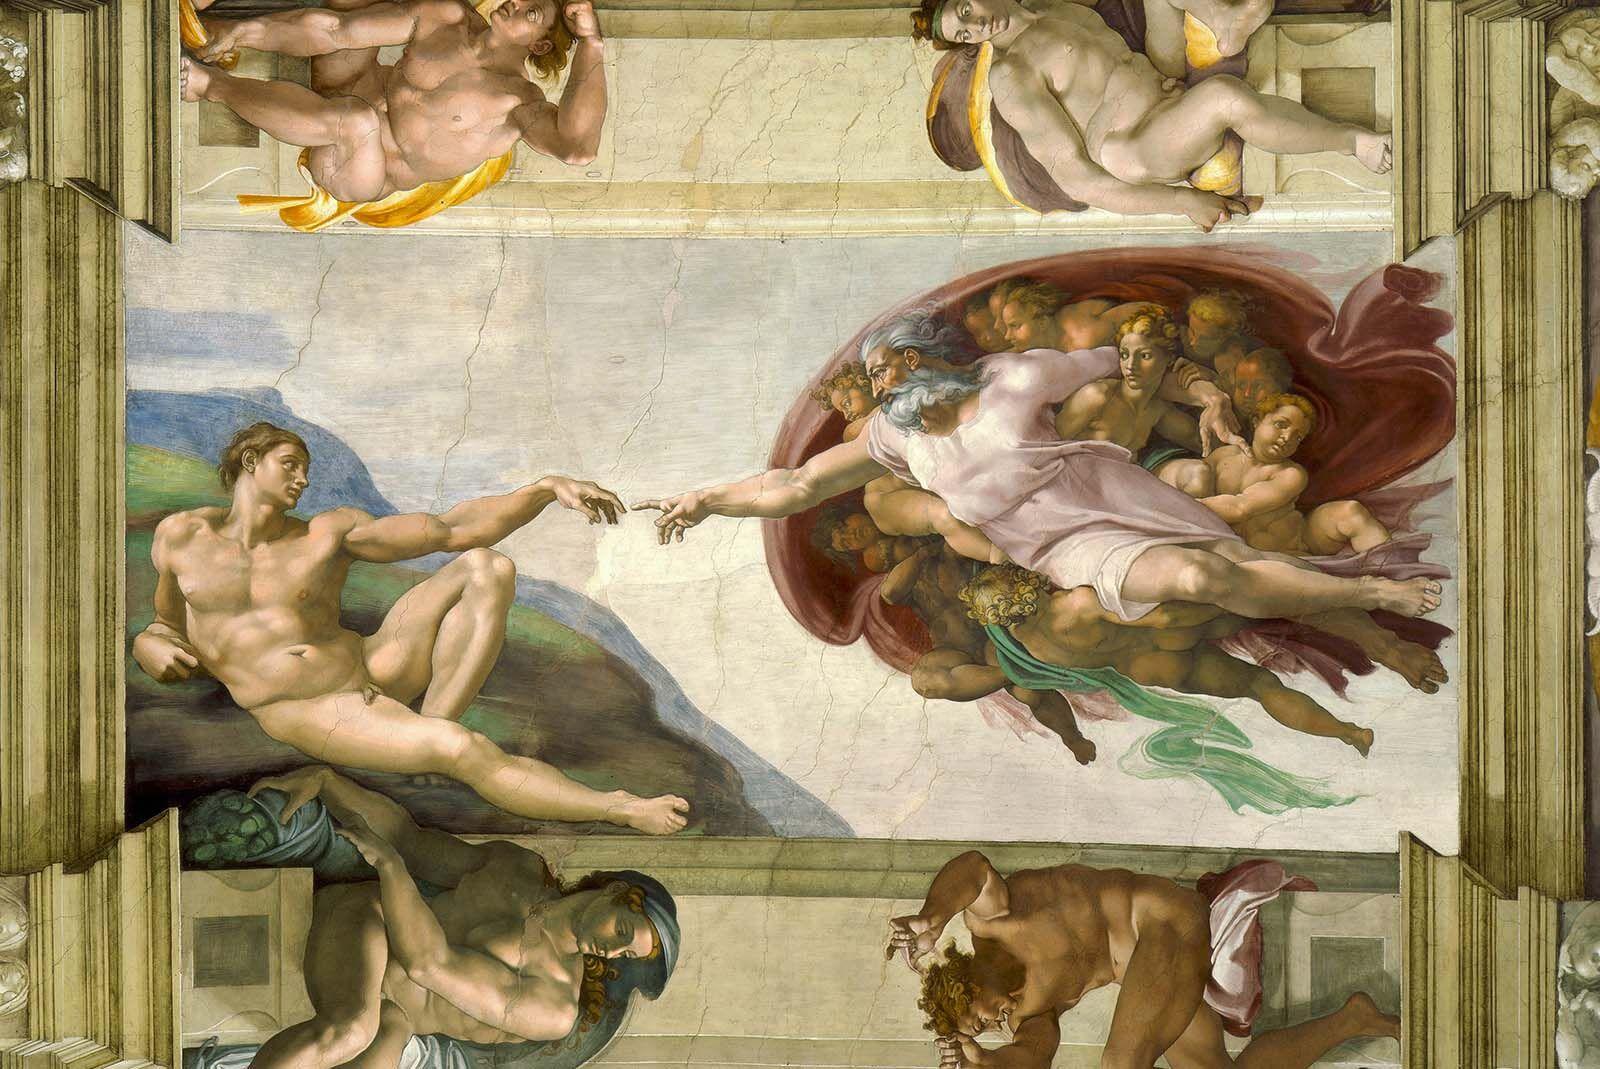 Michelangelo, The Creation of Adam, c. 1512, Sistene Chapel, Vatican Museums